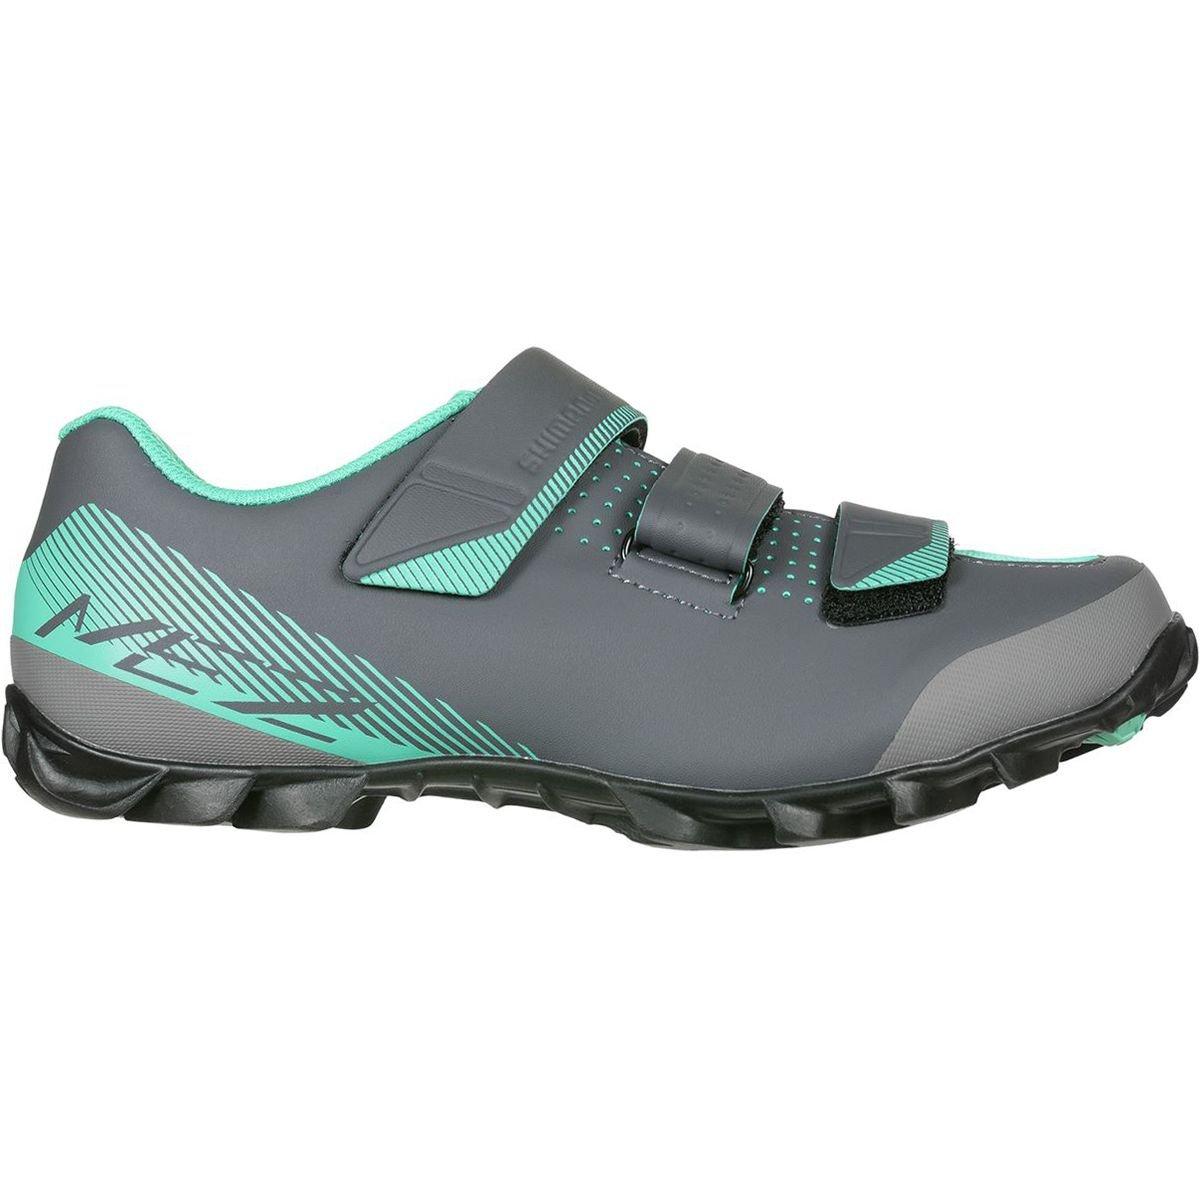 Shimano SH-ME2 Women's Mountain Enduro SPD Cycling Shoes - Black/Green - 39